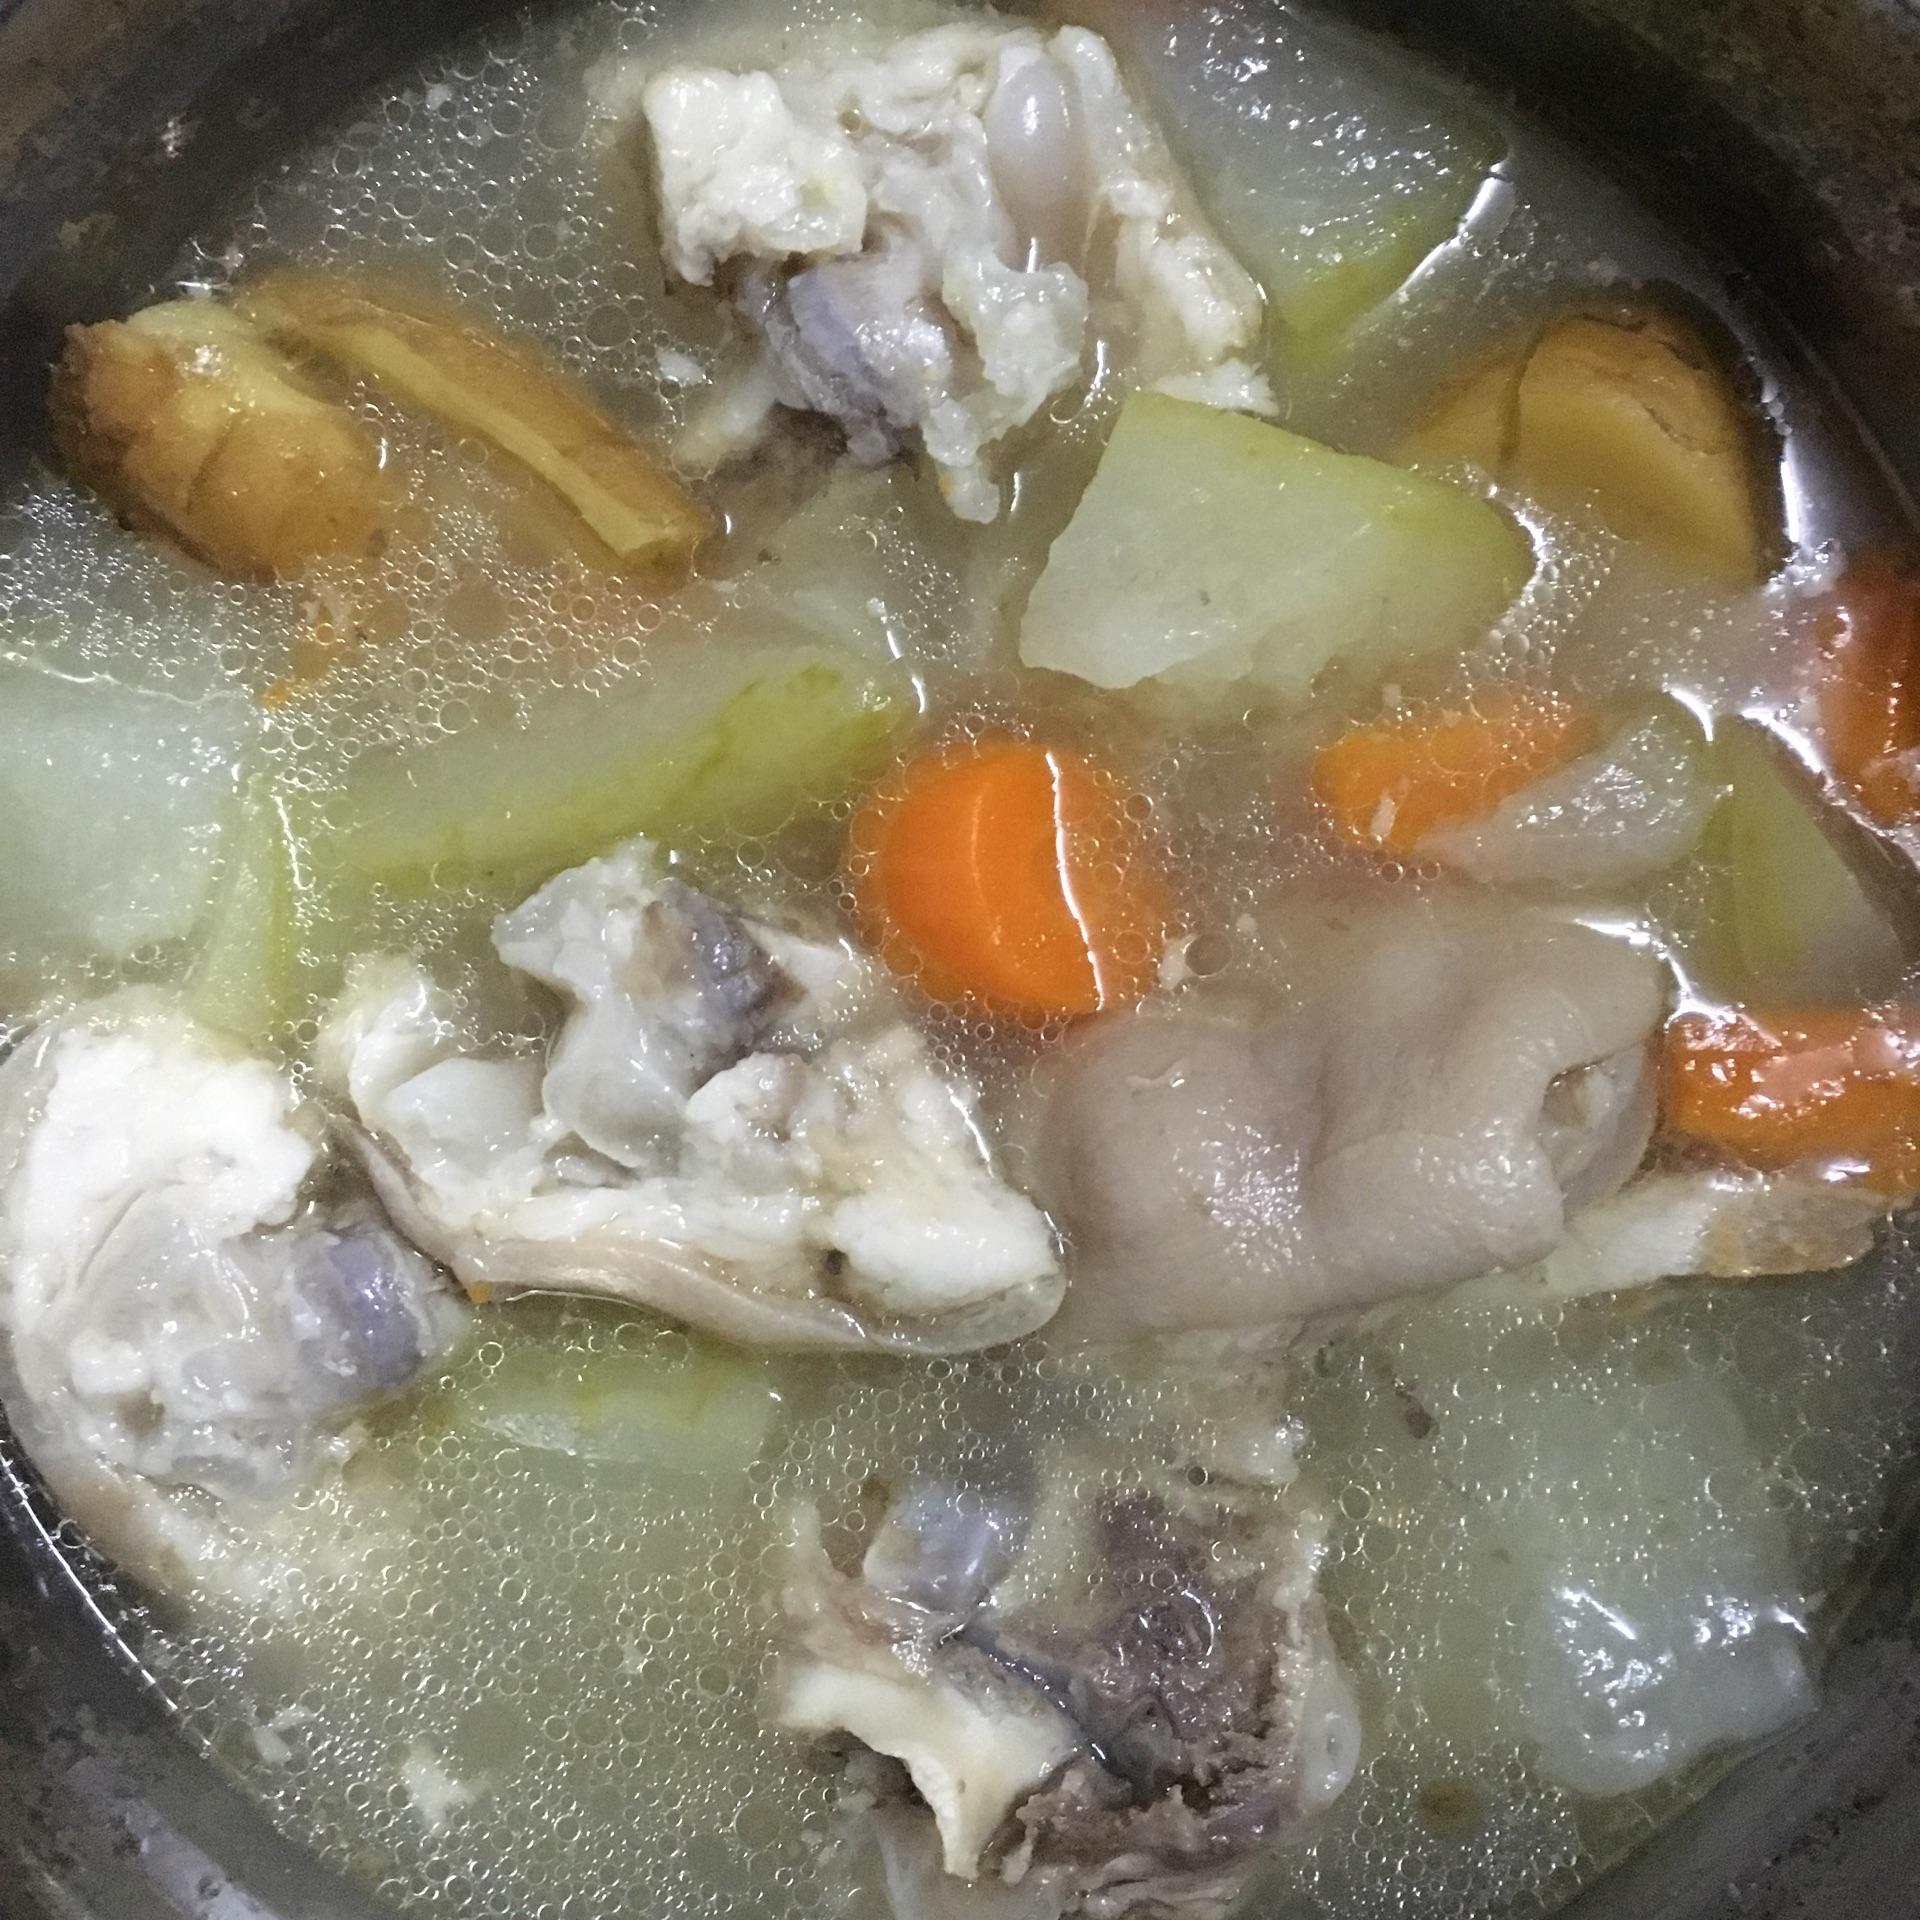 冬瓜猪蹄汤的做法图解2